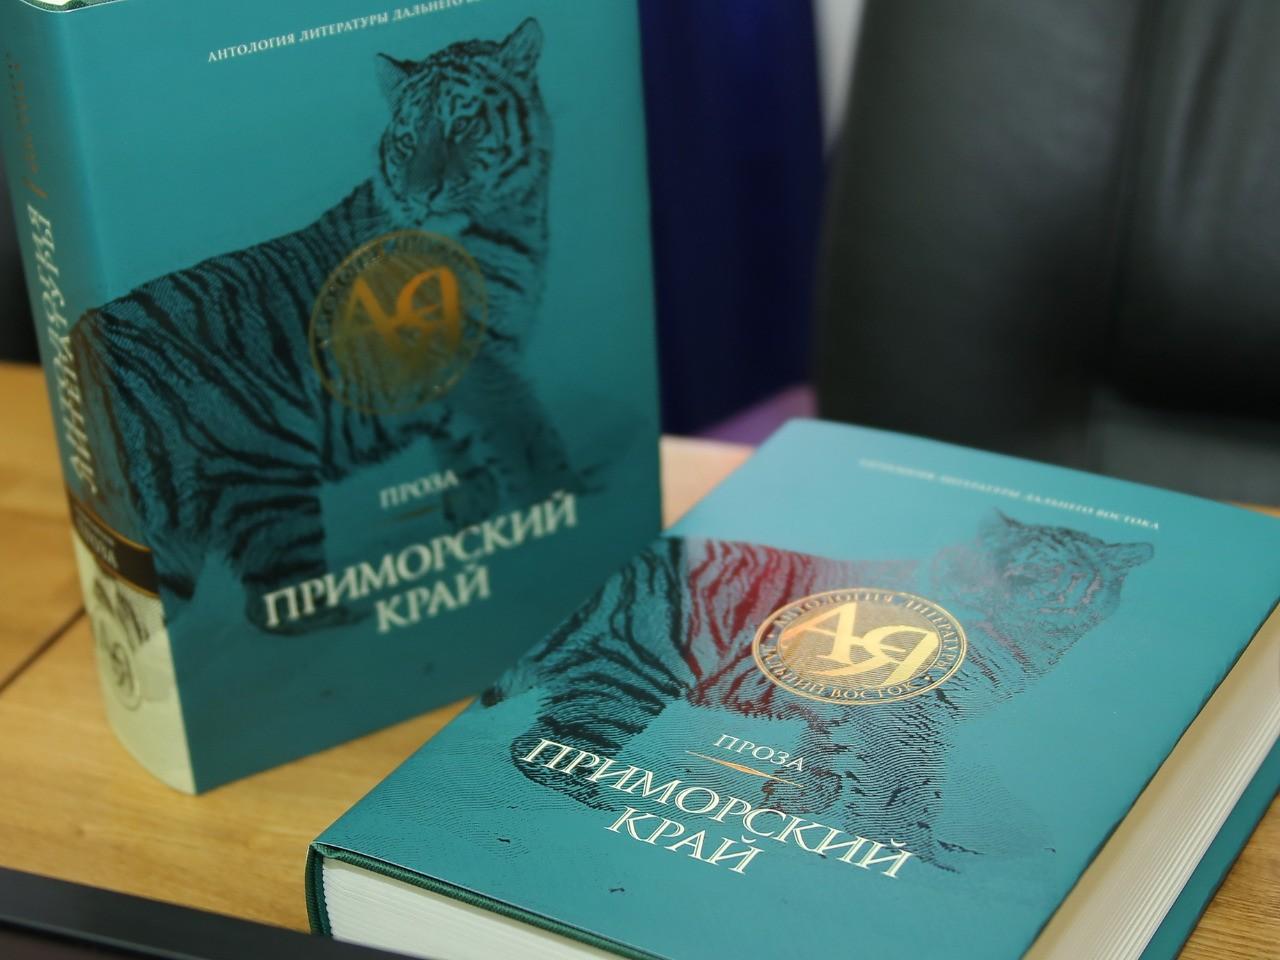 Депутаты Приморья не пожалели денег на антологию дальневосточной литературы